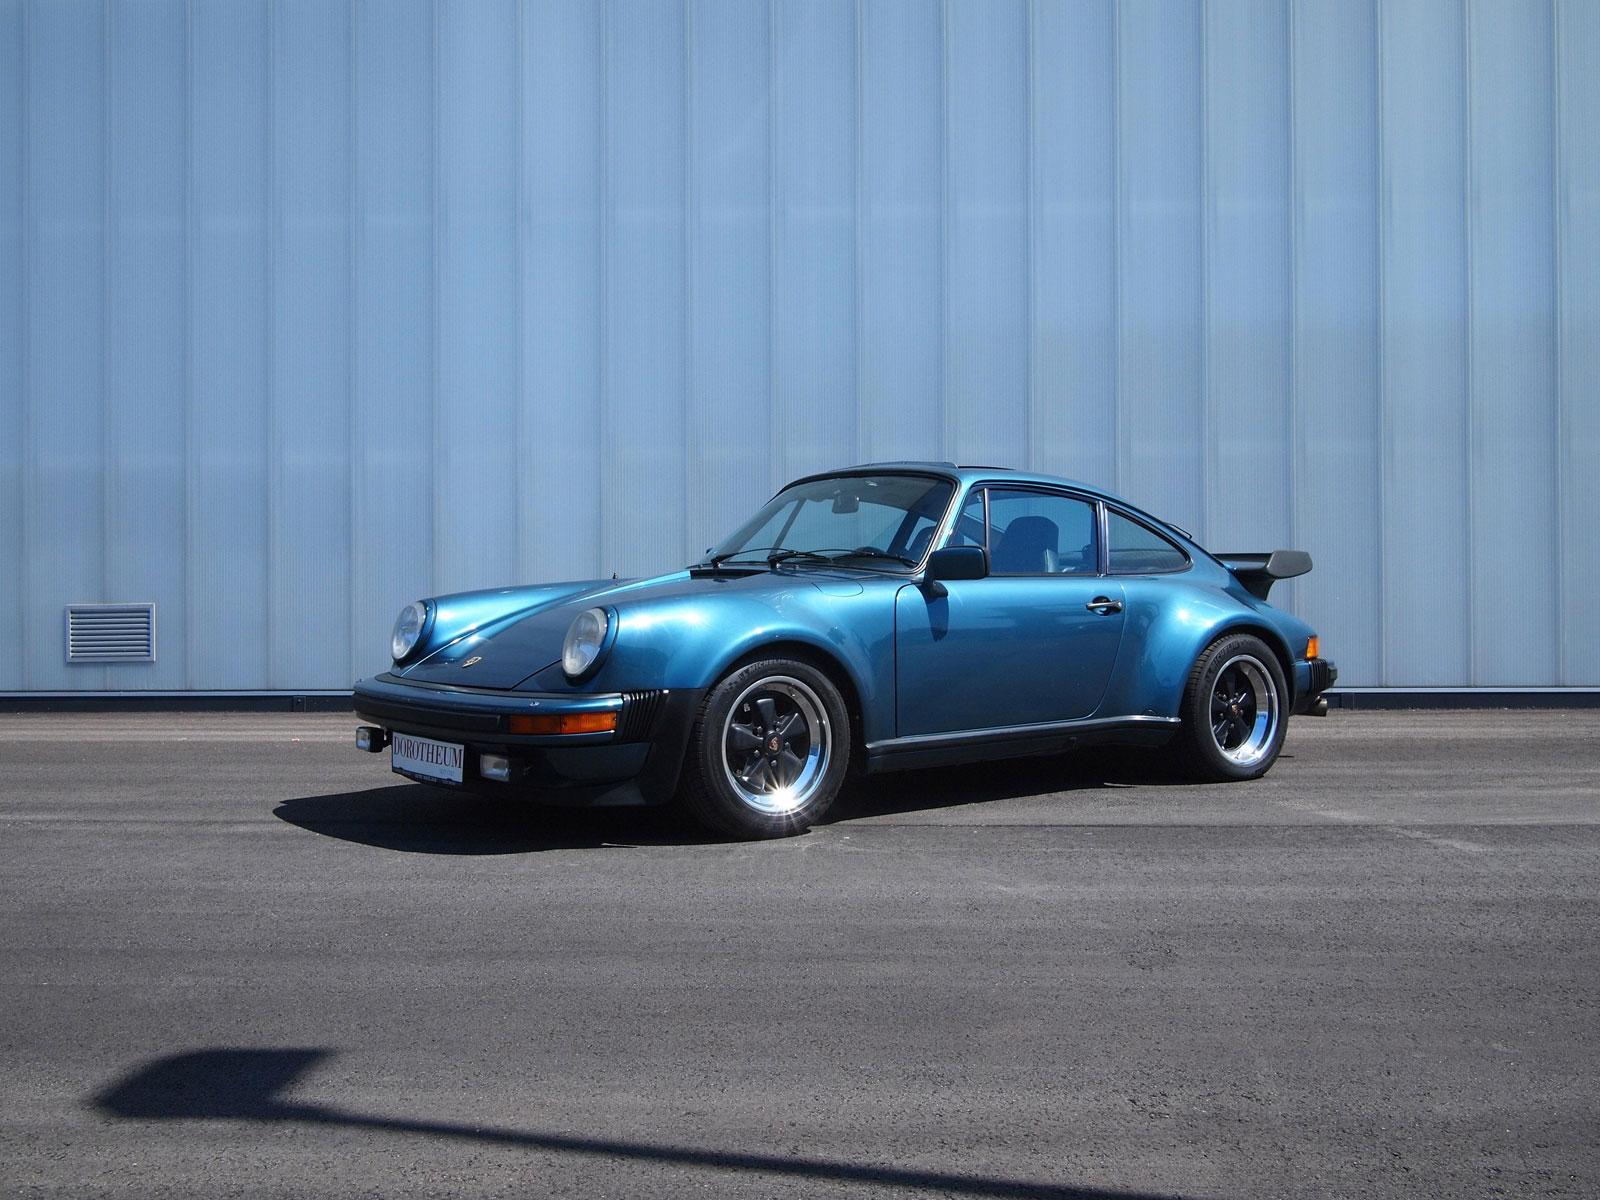 Bill Gates Old Porsche 911 Turbo Goes Under The Hammer